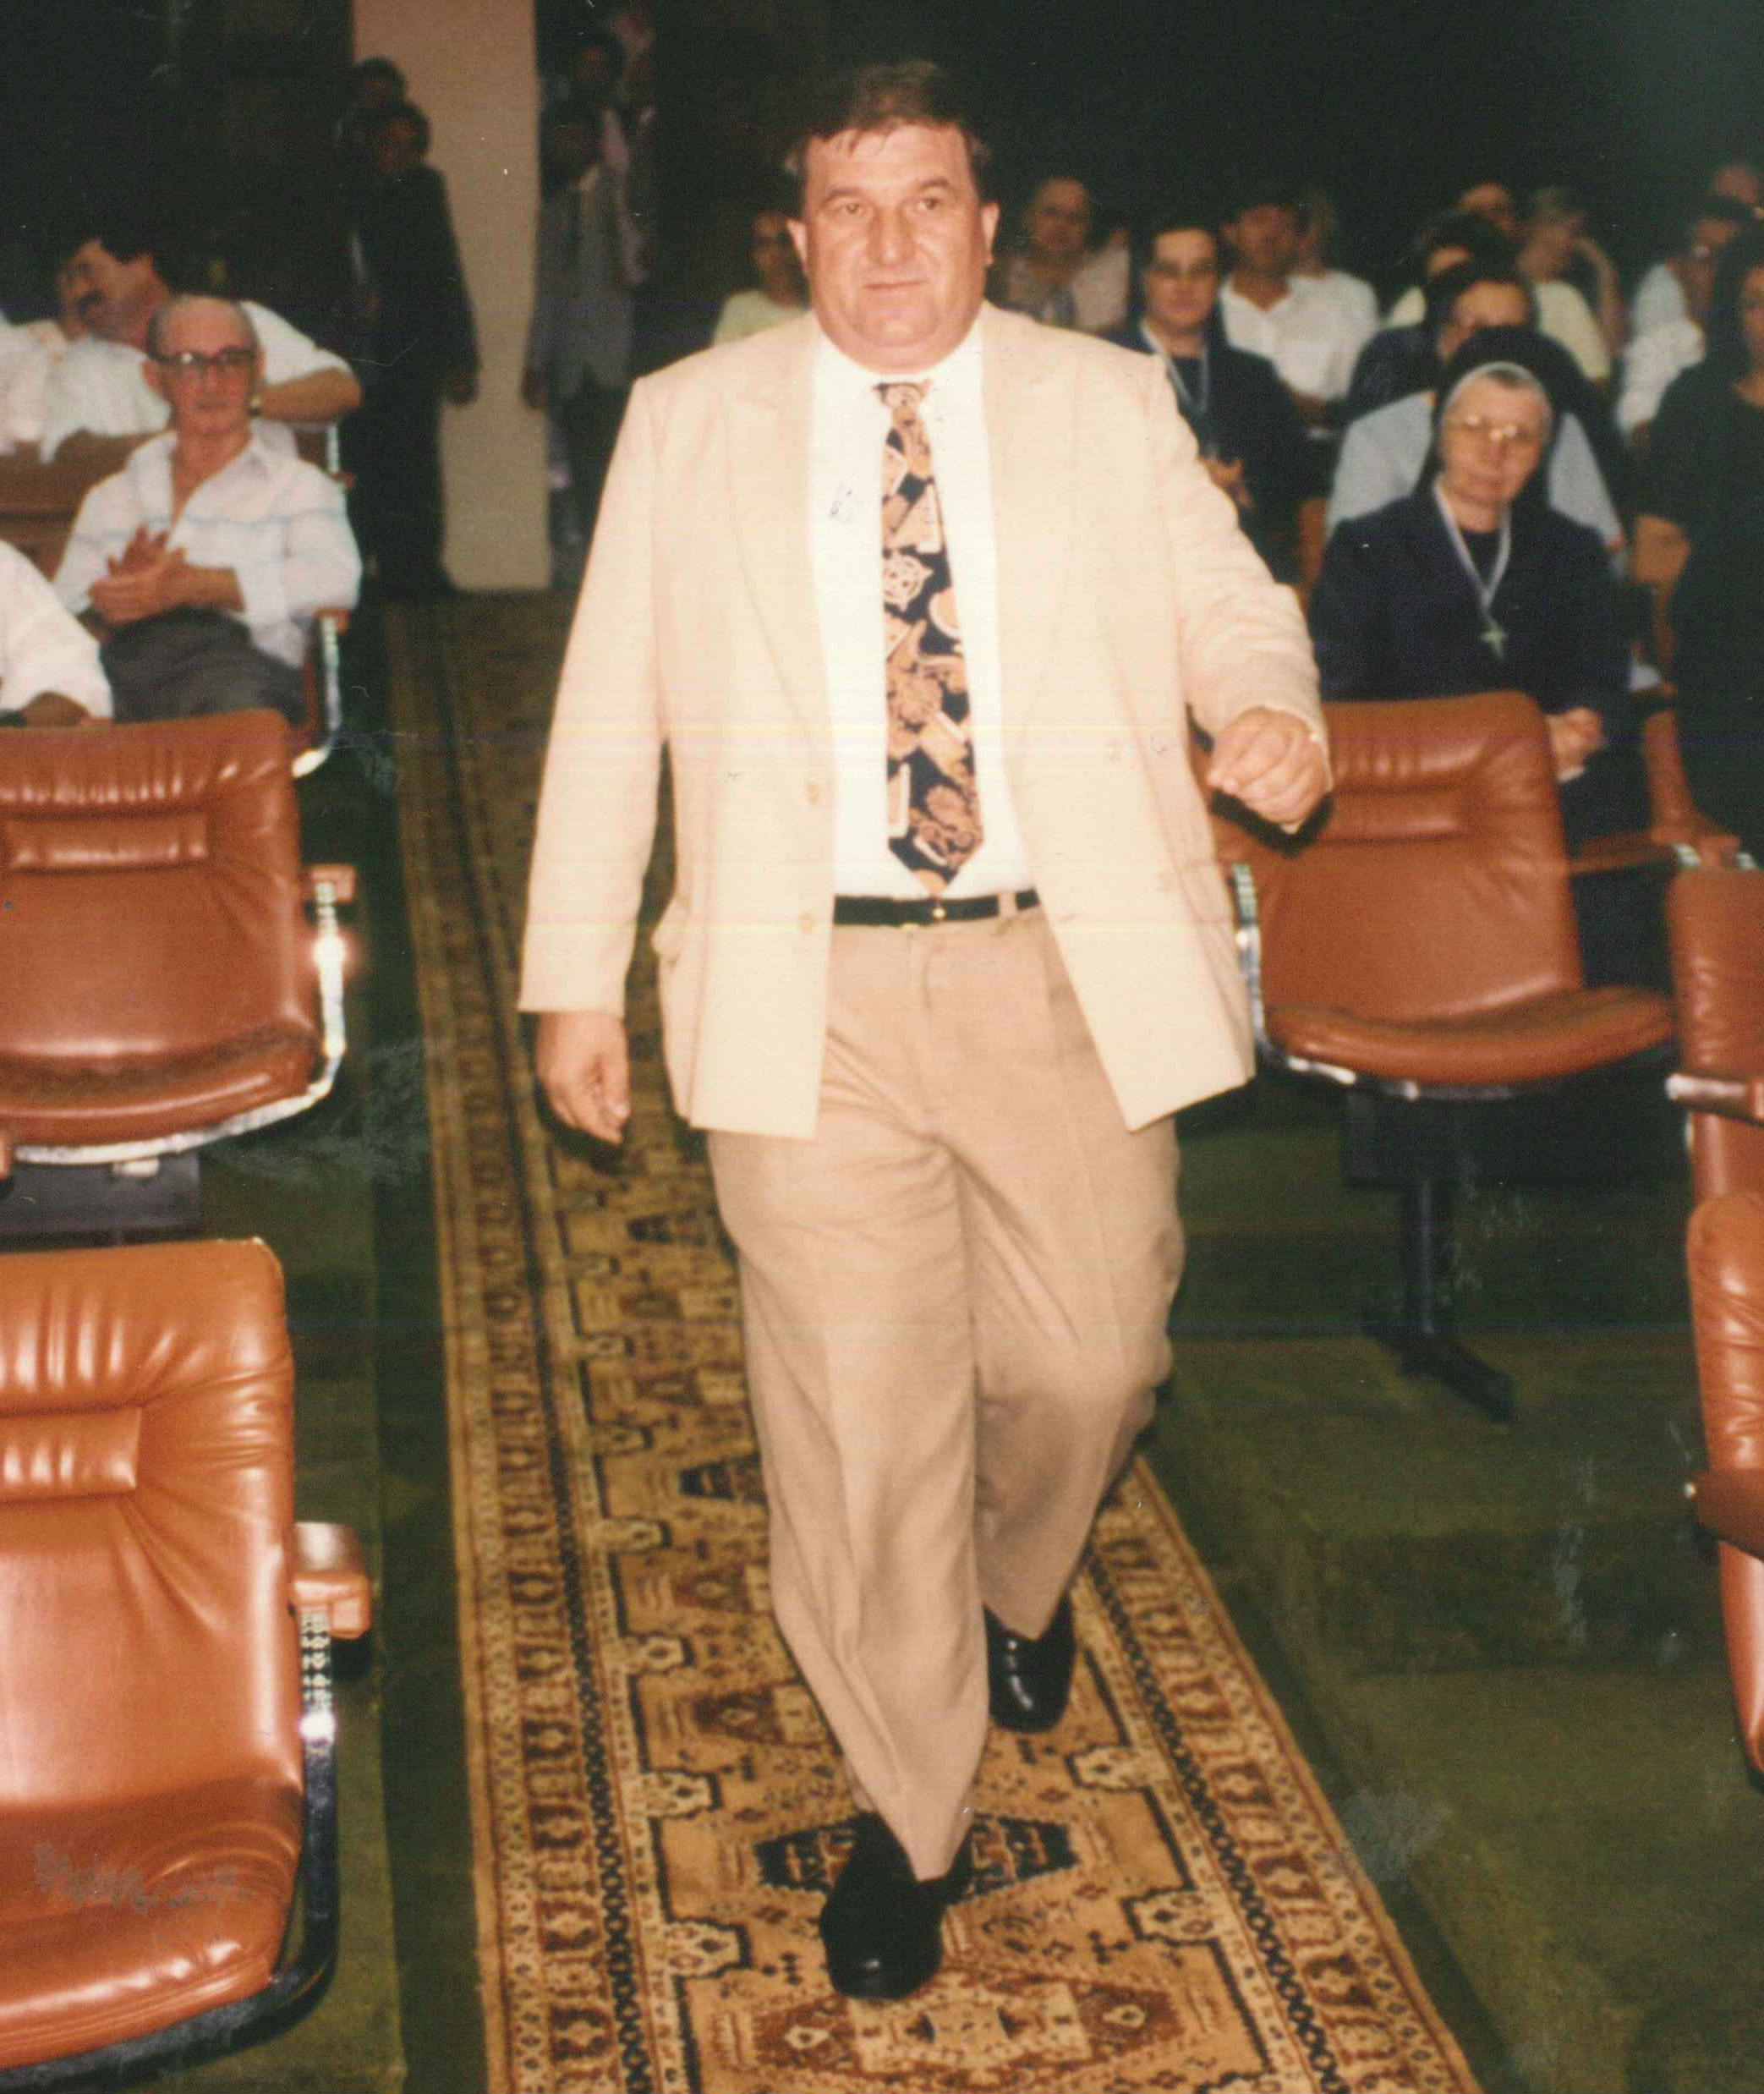 Vereador Antonio Stefaniak Sobrinho durante a Sess�o Solene na C�mara Municipal de Prudent�polis.